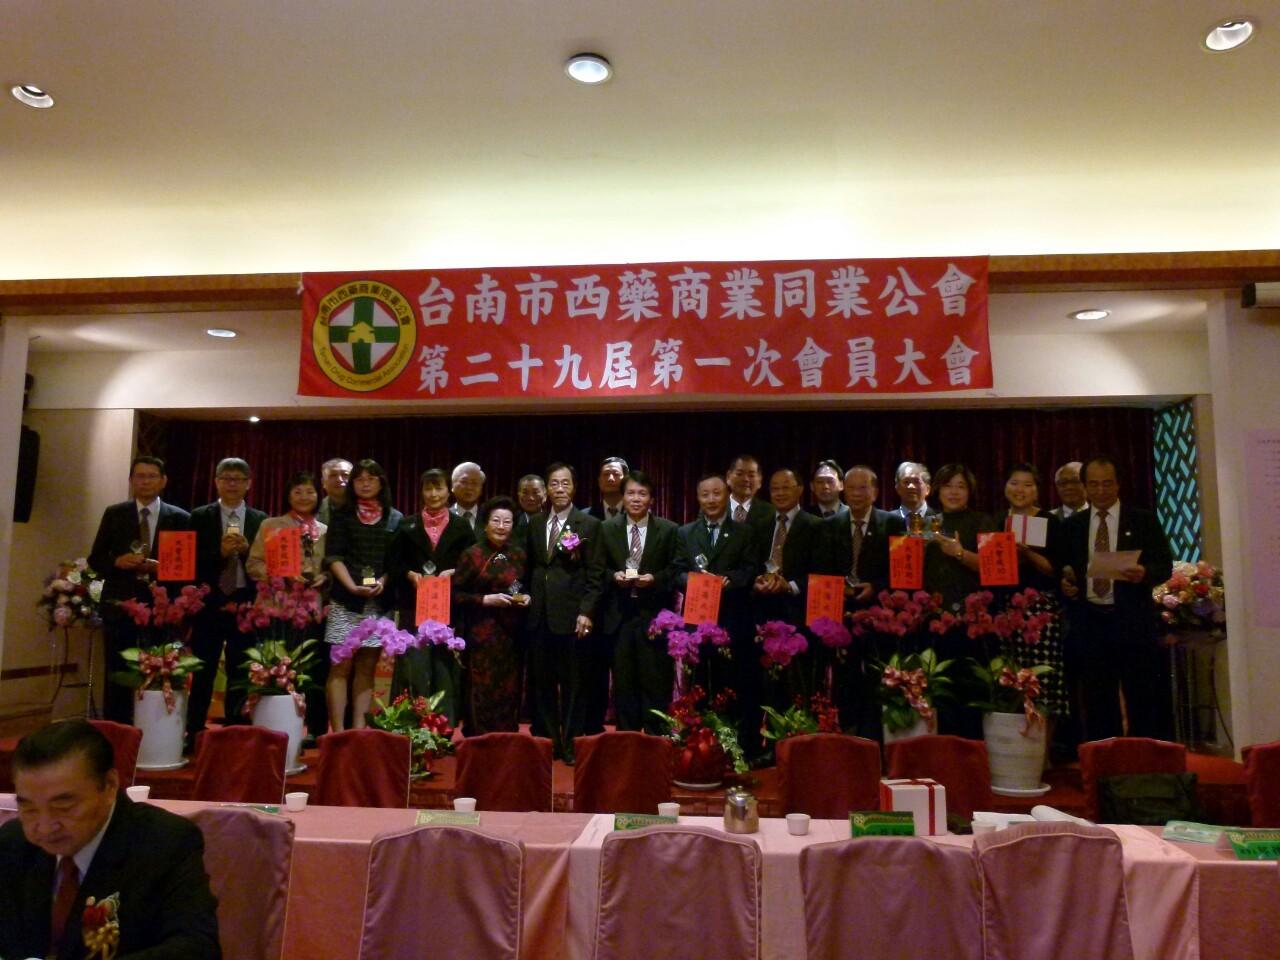 台南市西藥商業同業公會第29屆第一次會員大會_200114_0178